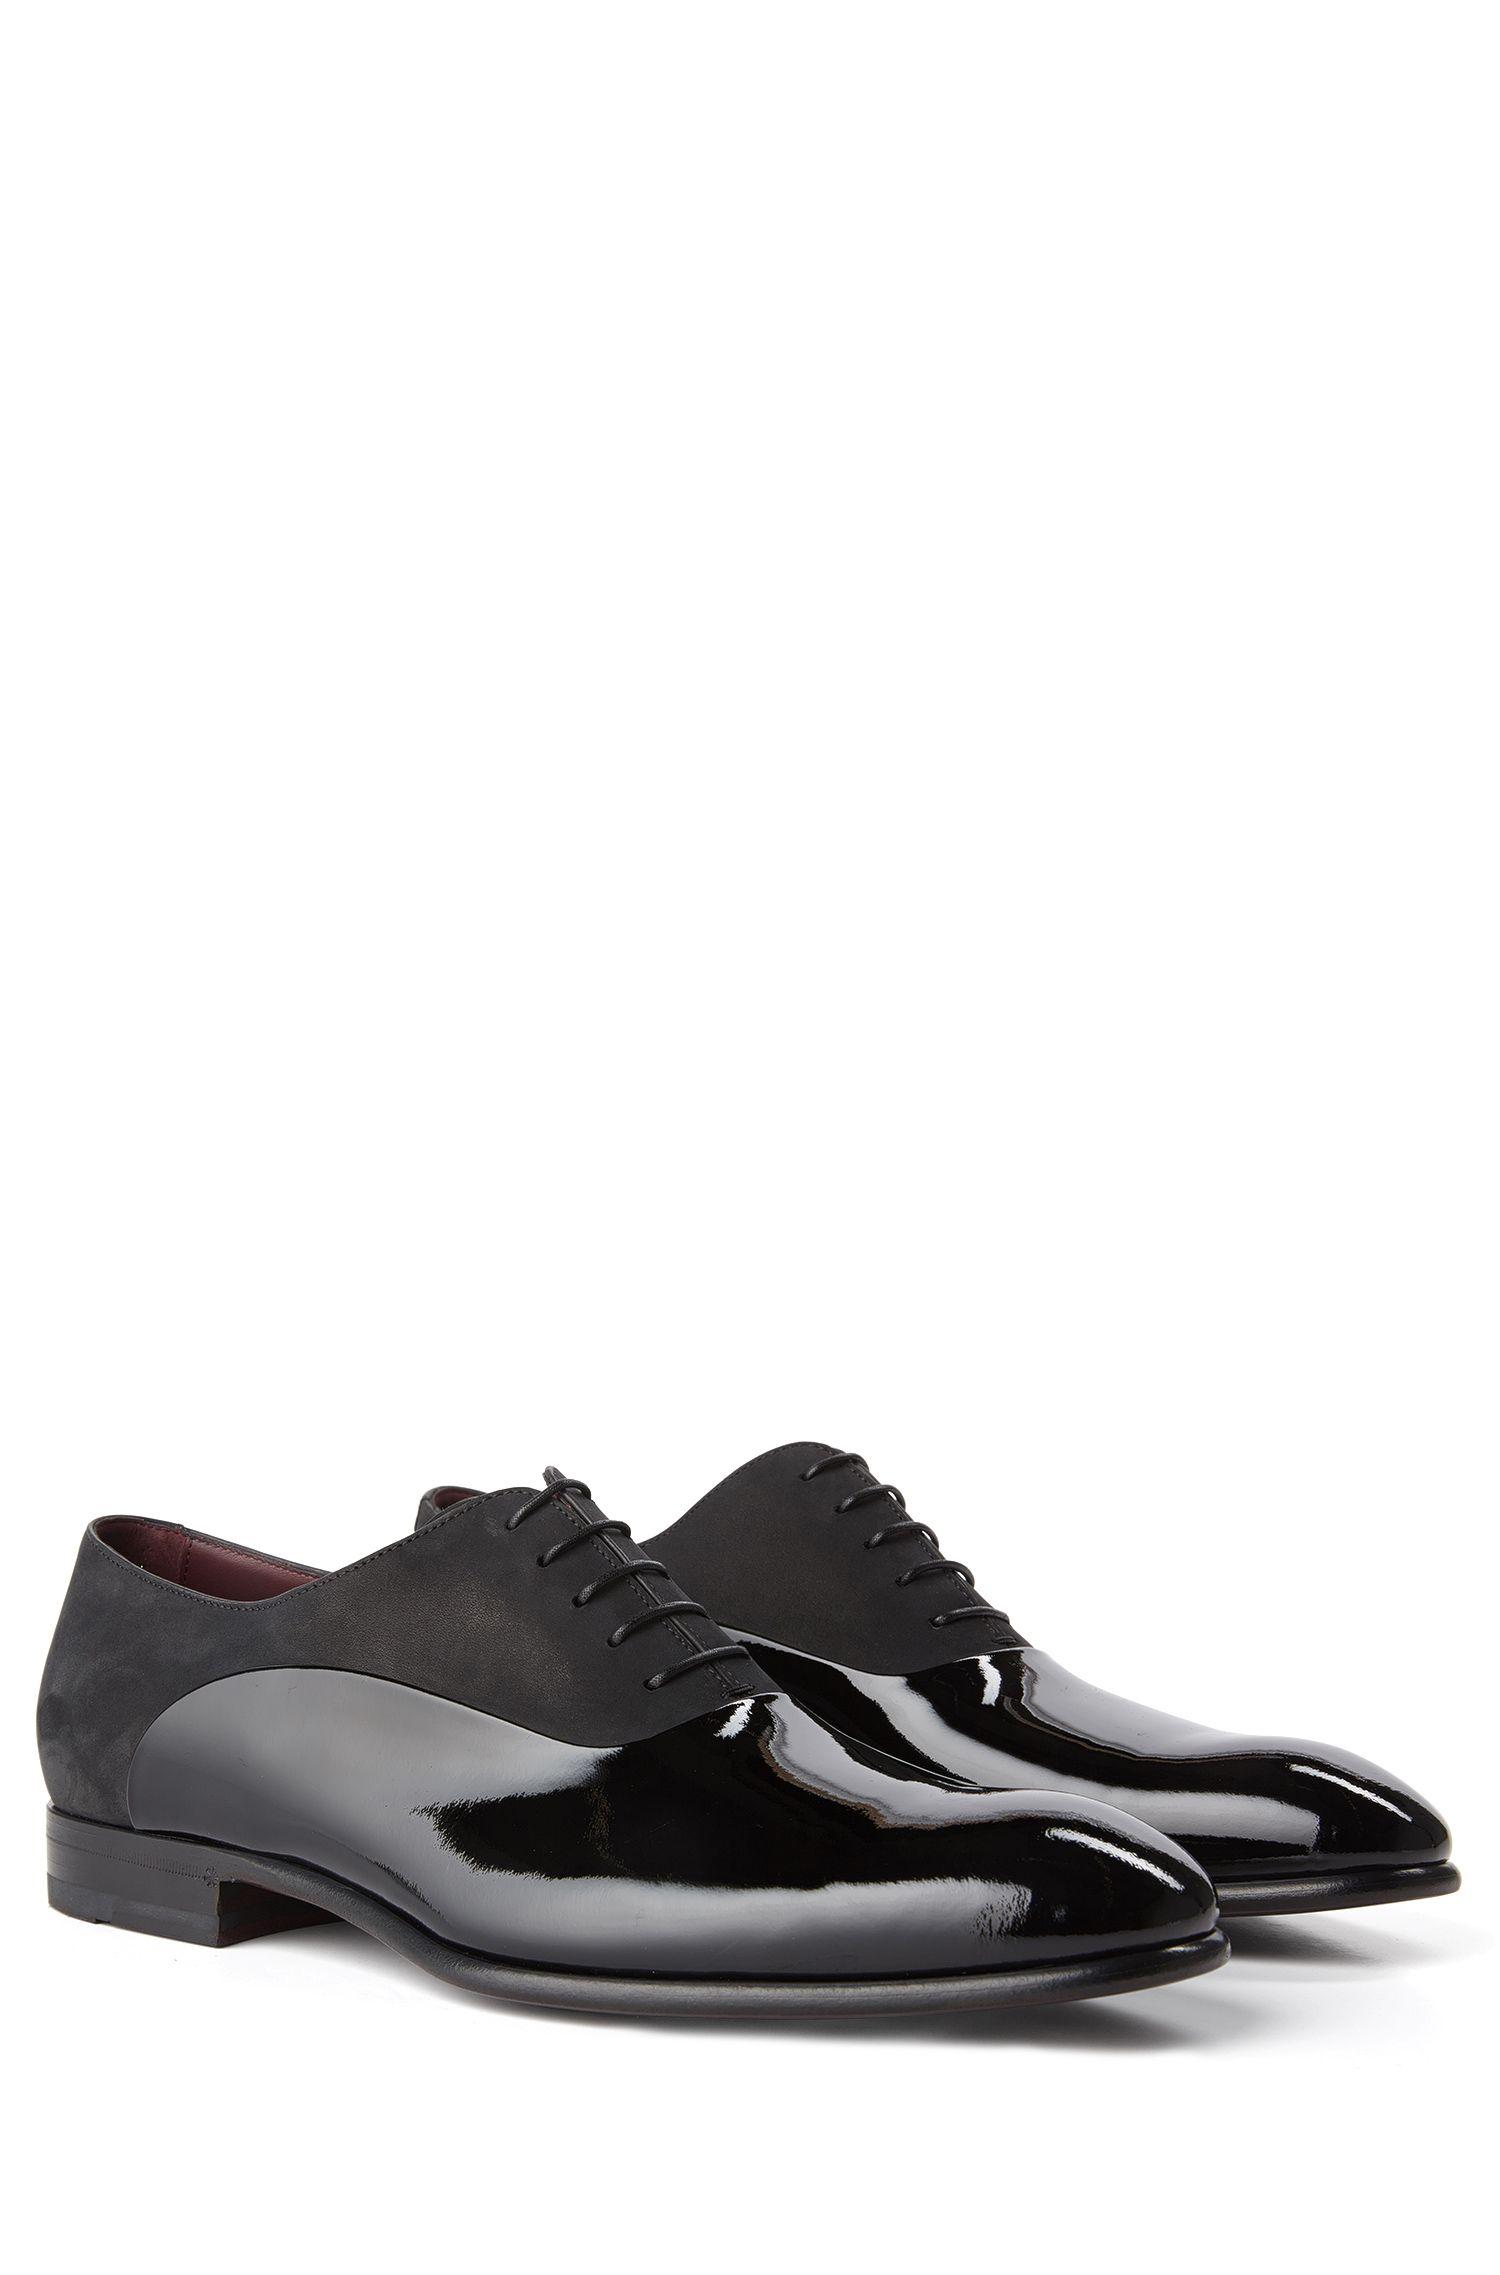 Chaussures à lacets Tailored en daim et cuir verni: «T-Legend_Oxfr_panu»